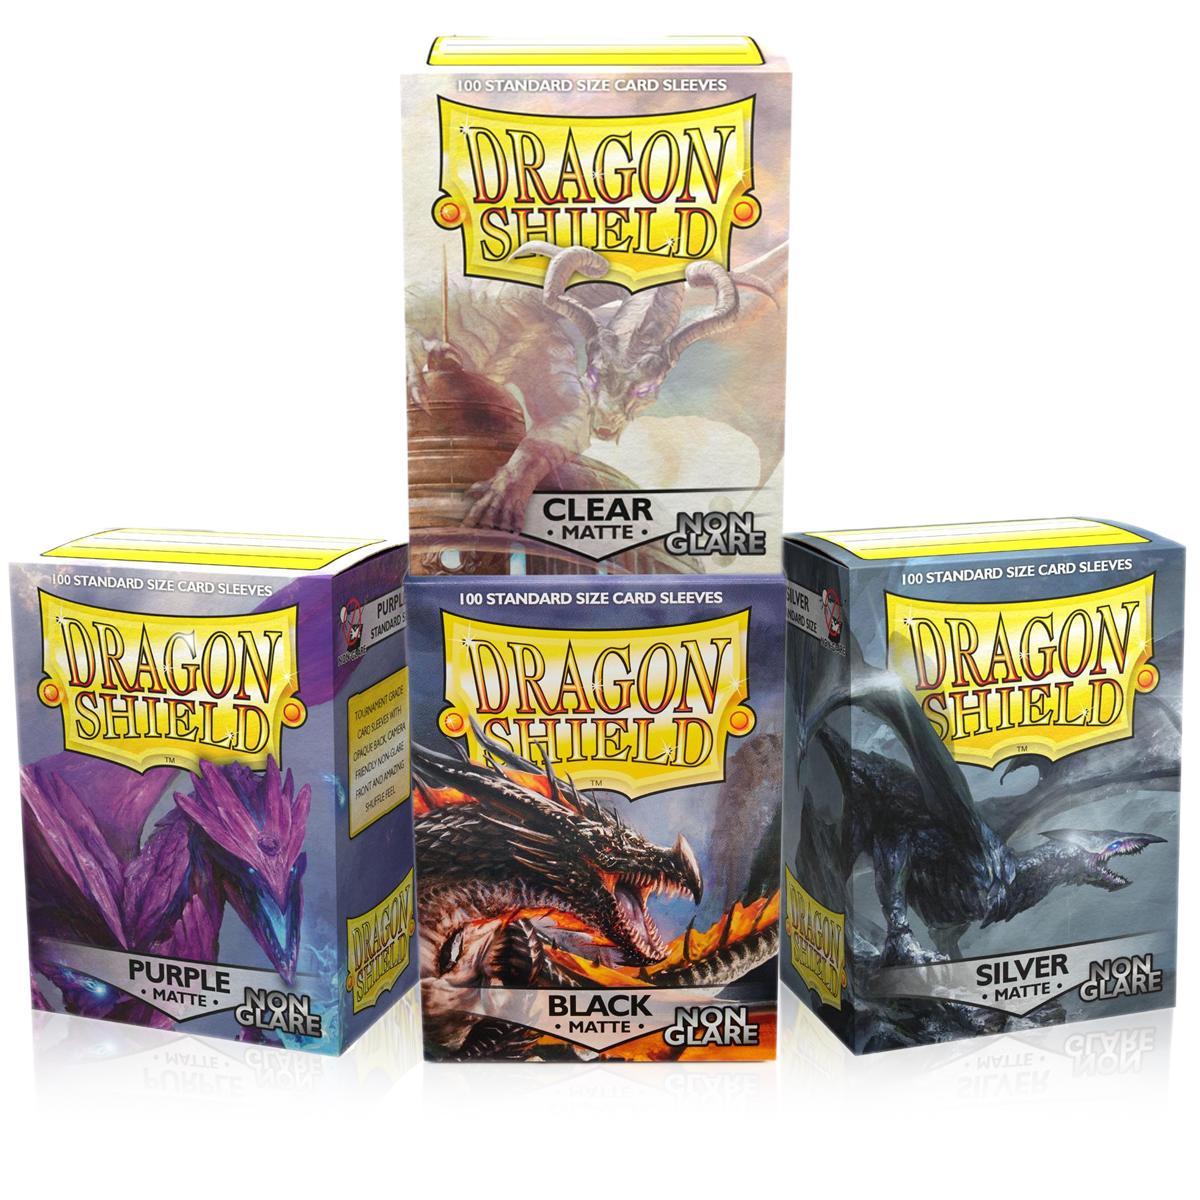 Dragon Shield Matte Non-Glare 100